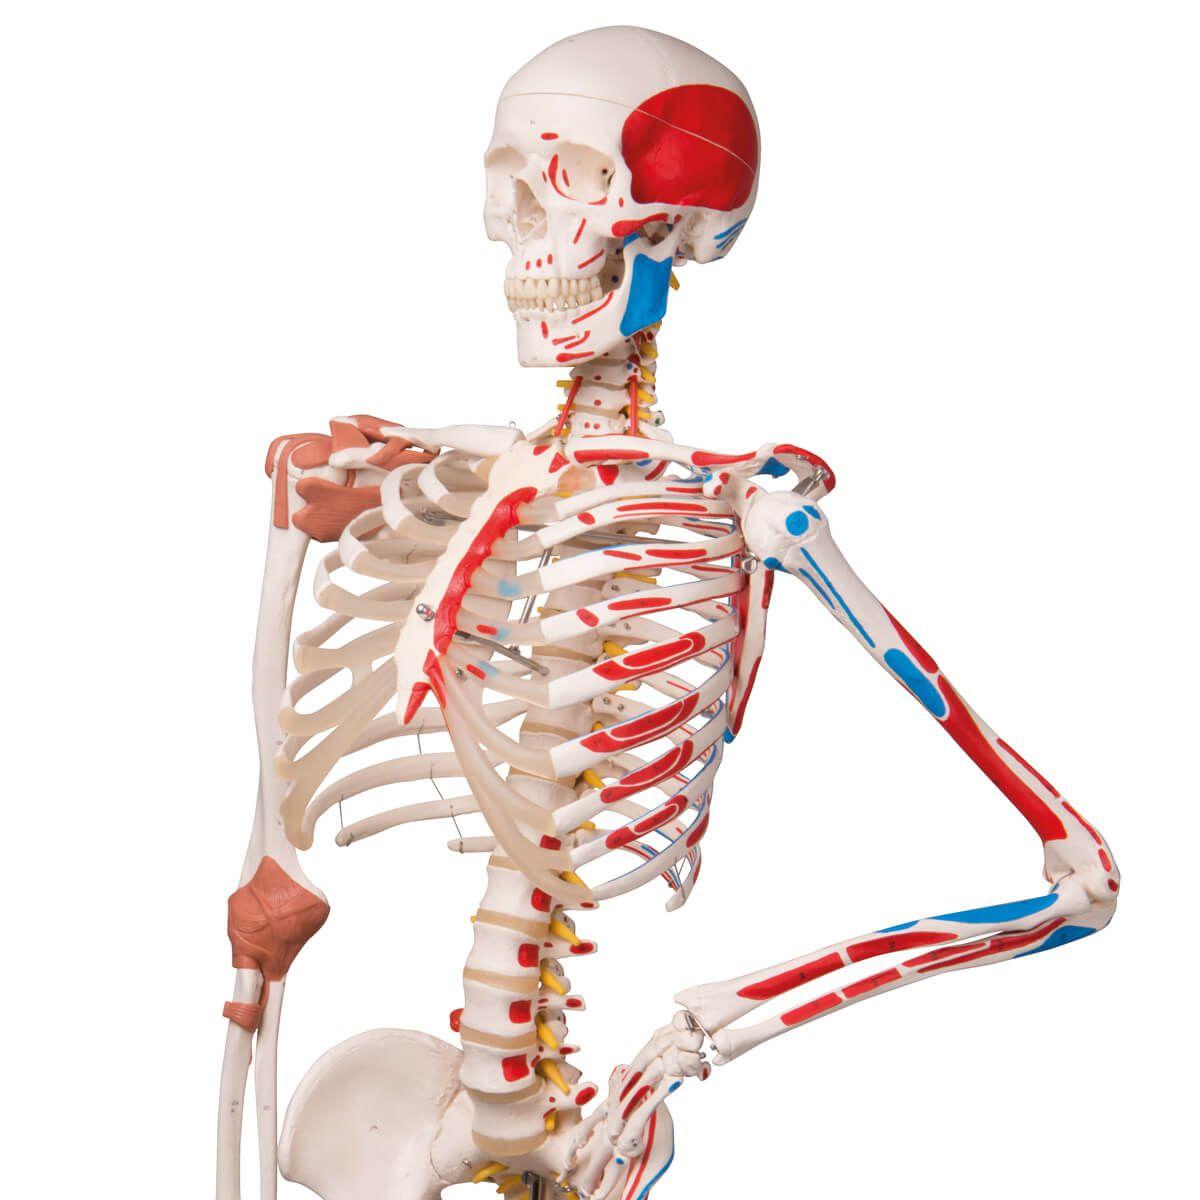 Esqueleto Sam A13 - Versão de Luxo em Suporte de Metal com 5 Rolos